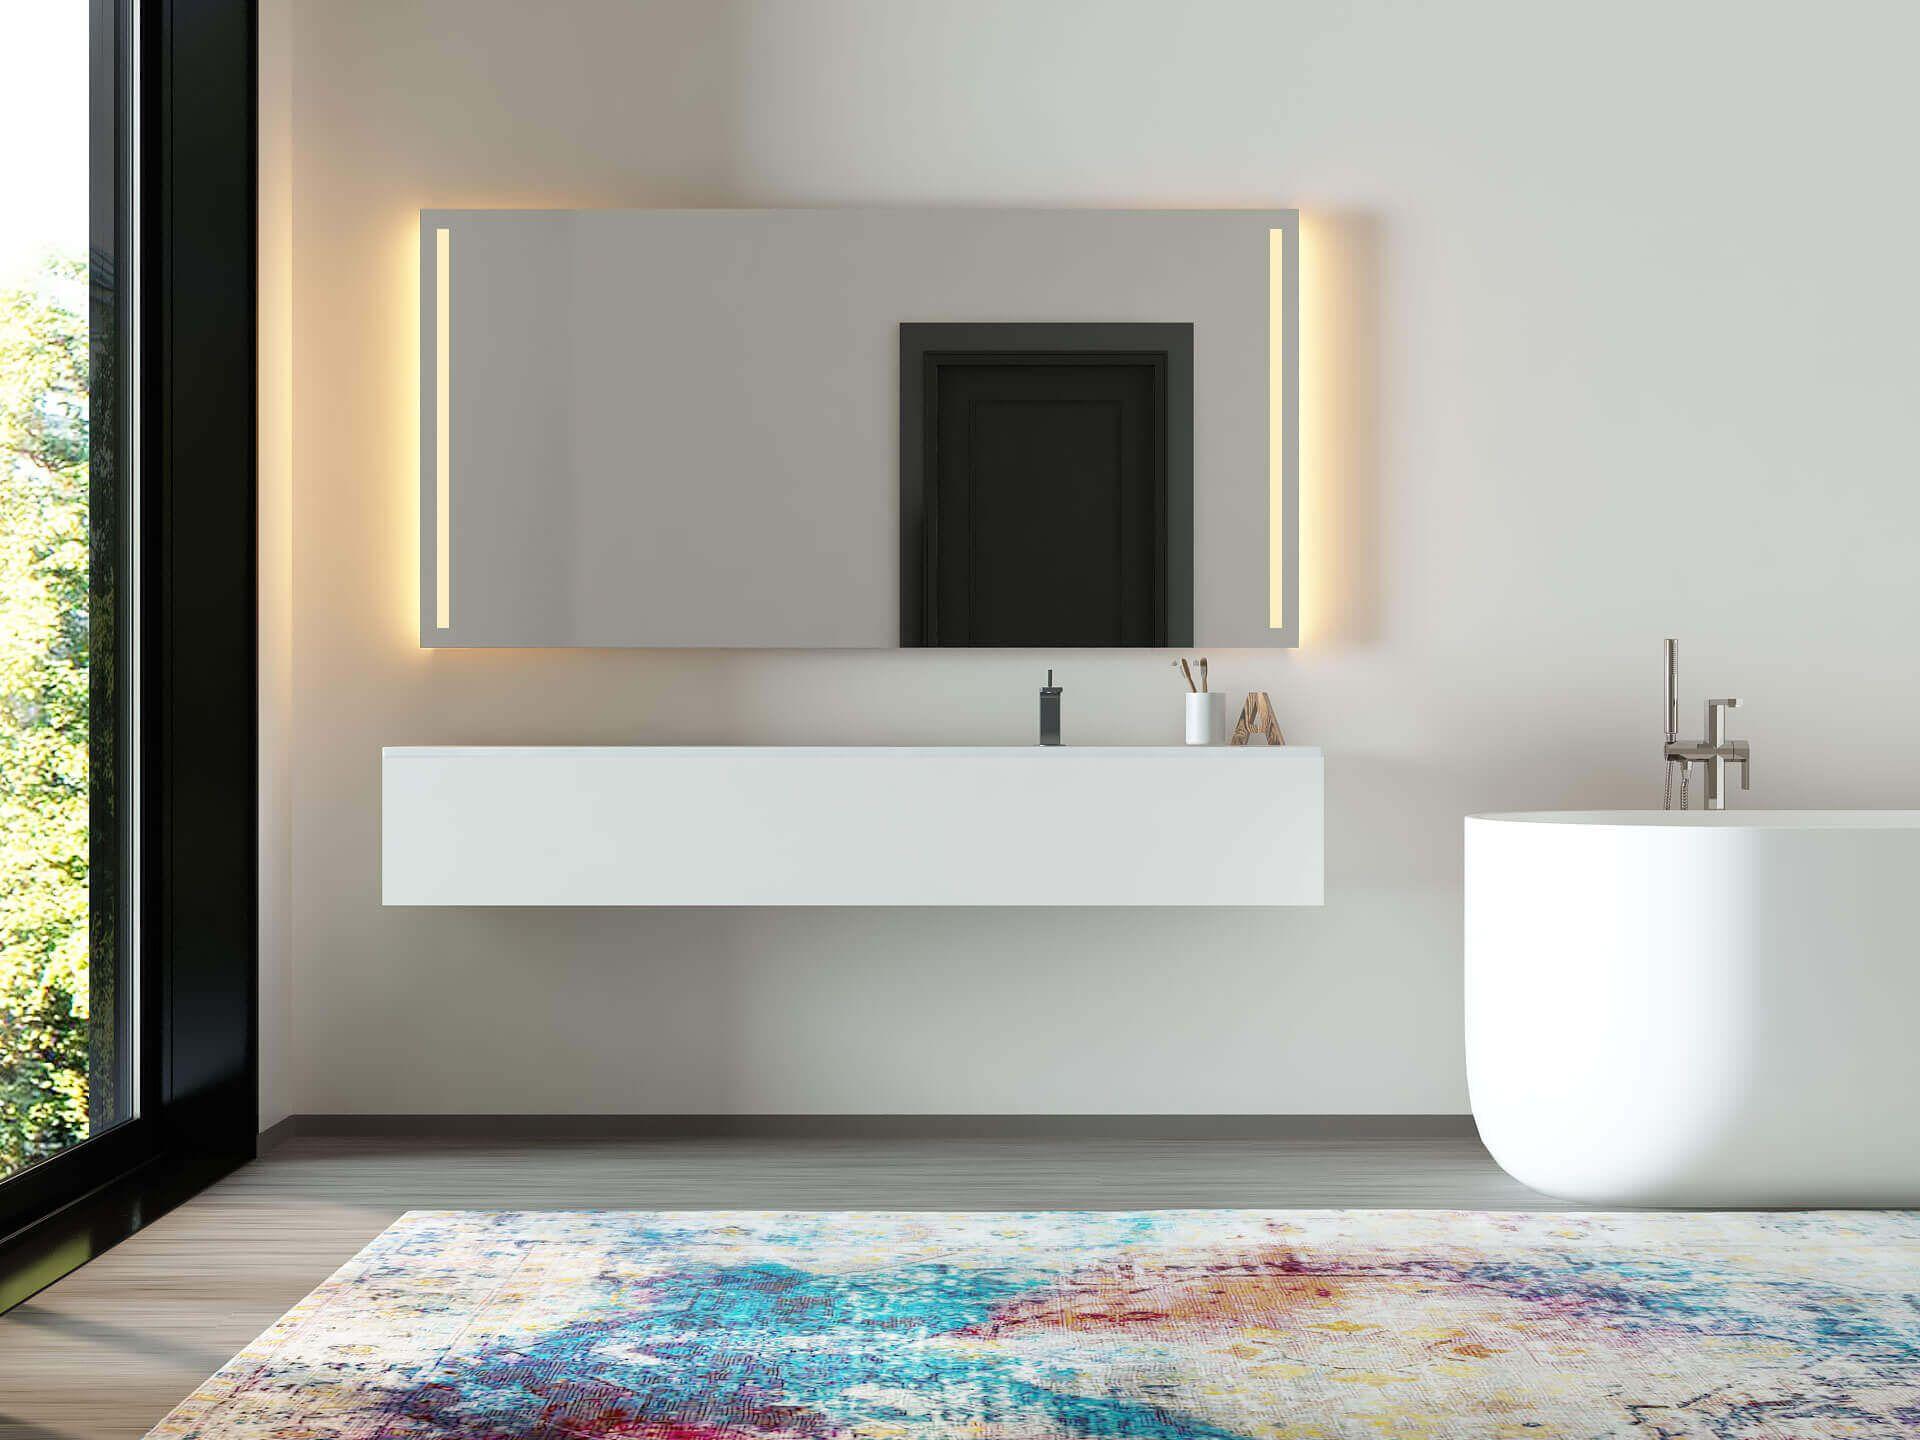 Https Spiegelshop24 Com Badspiegel Beleuchtung Links Rechts